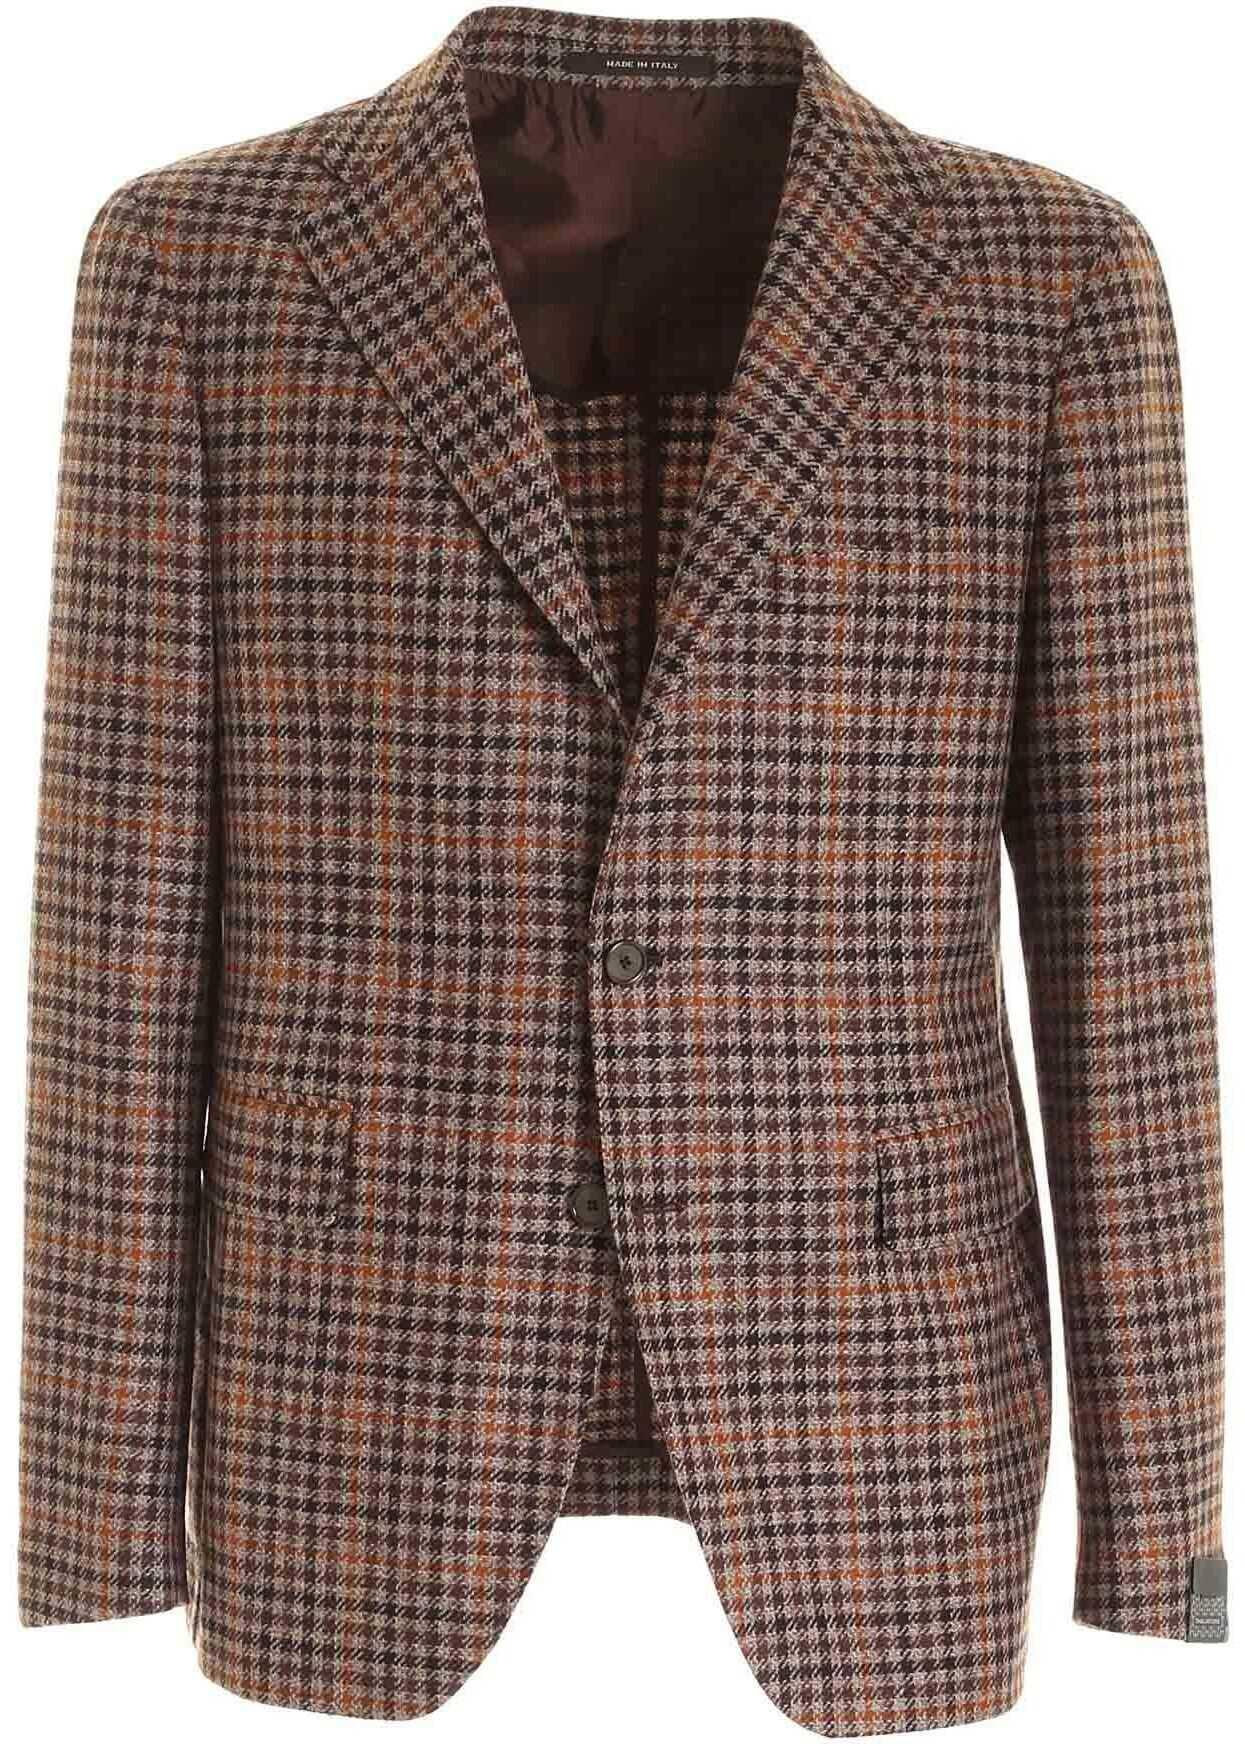 Tagliatore Single-Breasted Jacket In Melange Brown Brown imagine